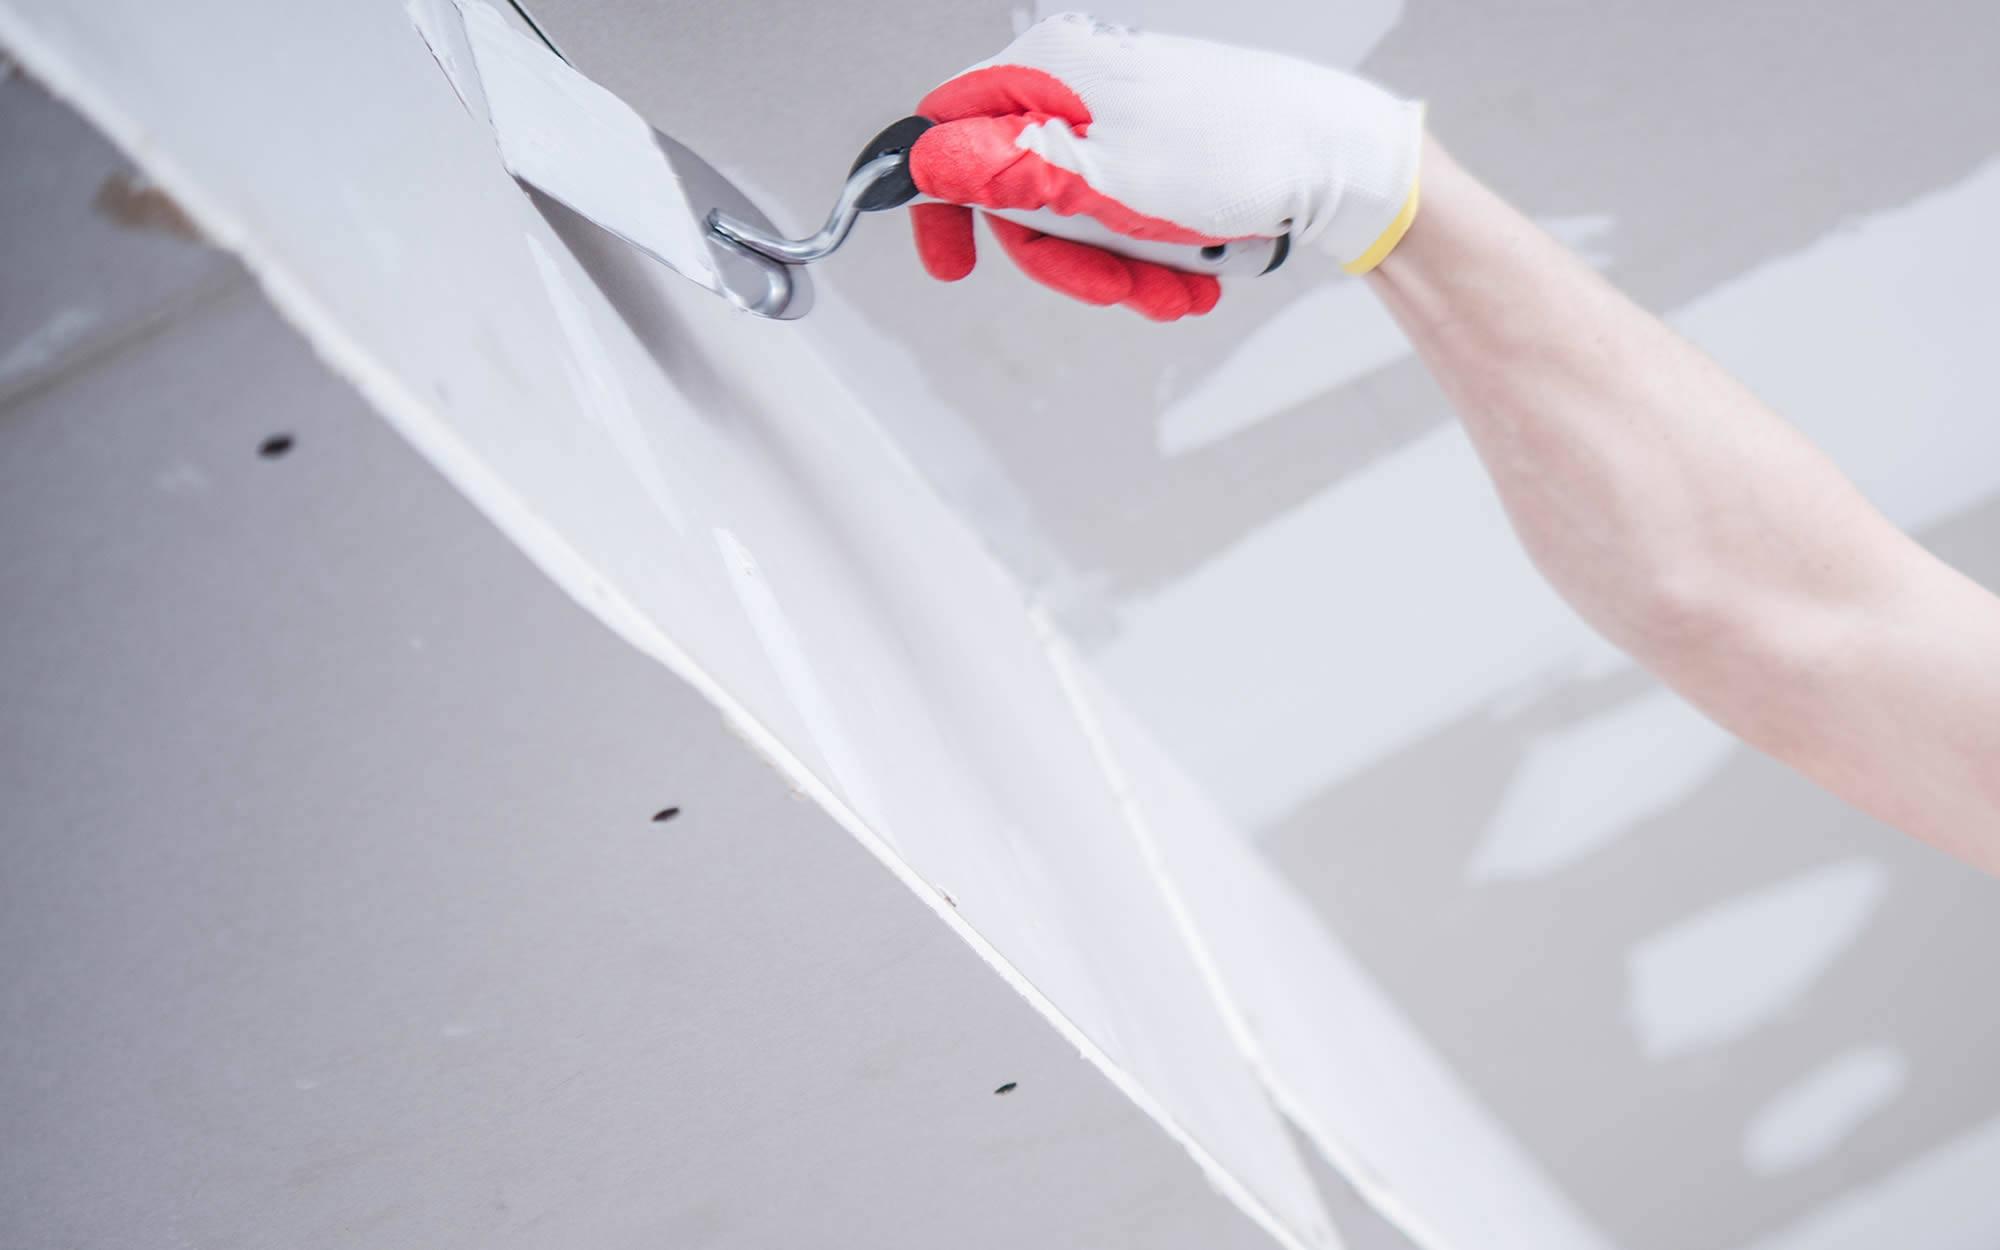 mendoza-drywall-repair-sl3-2000x1250